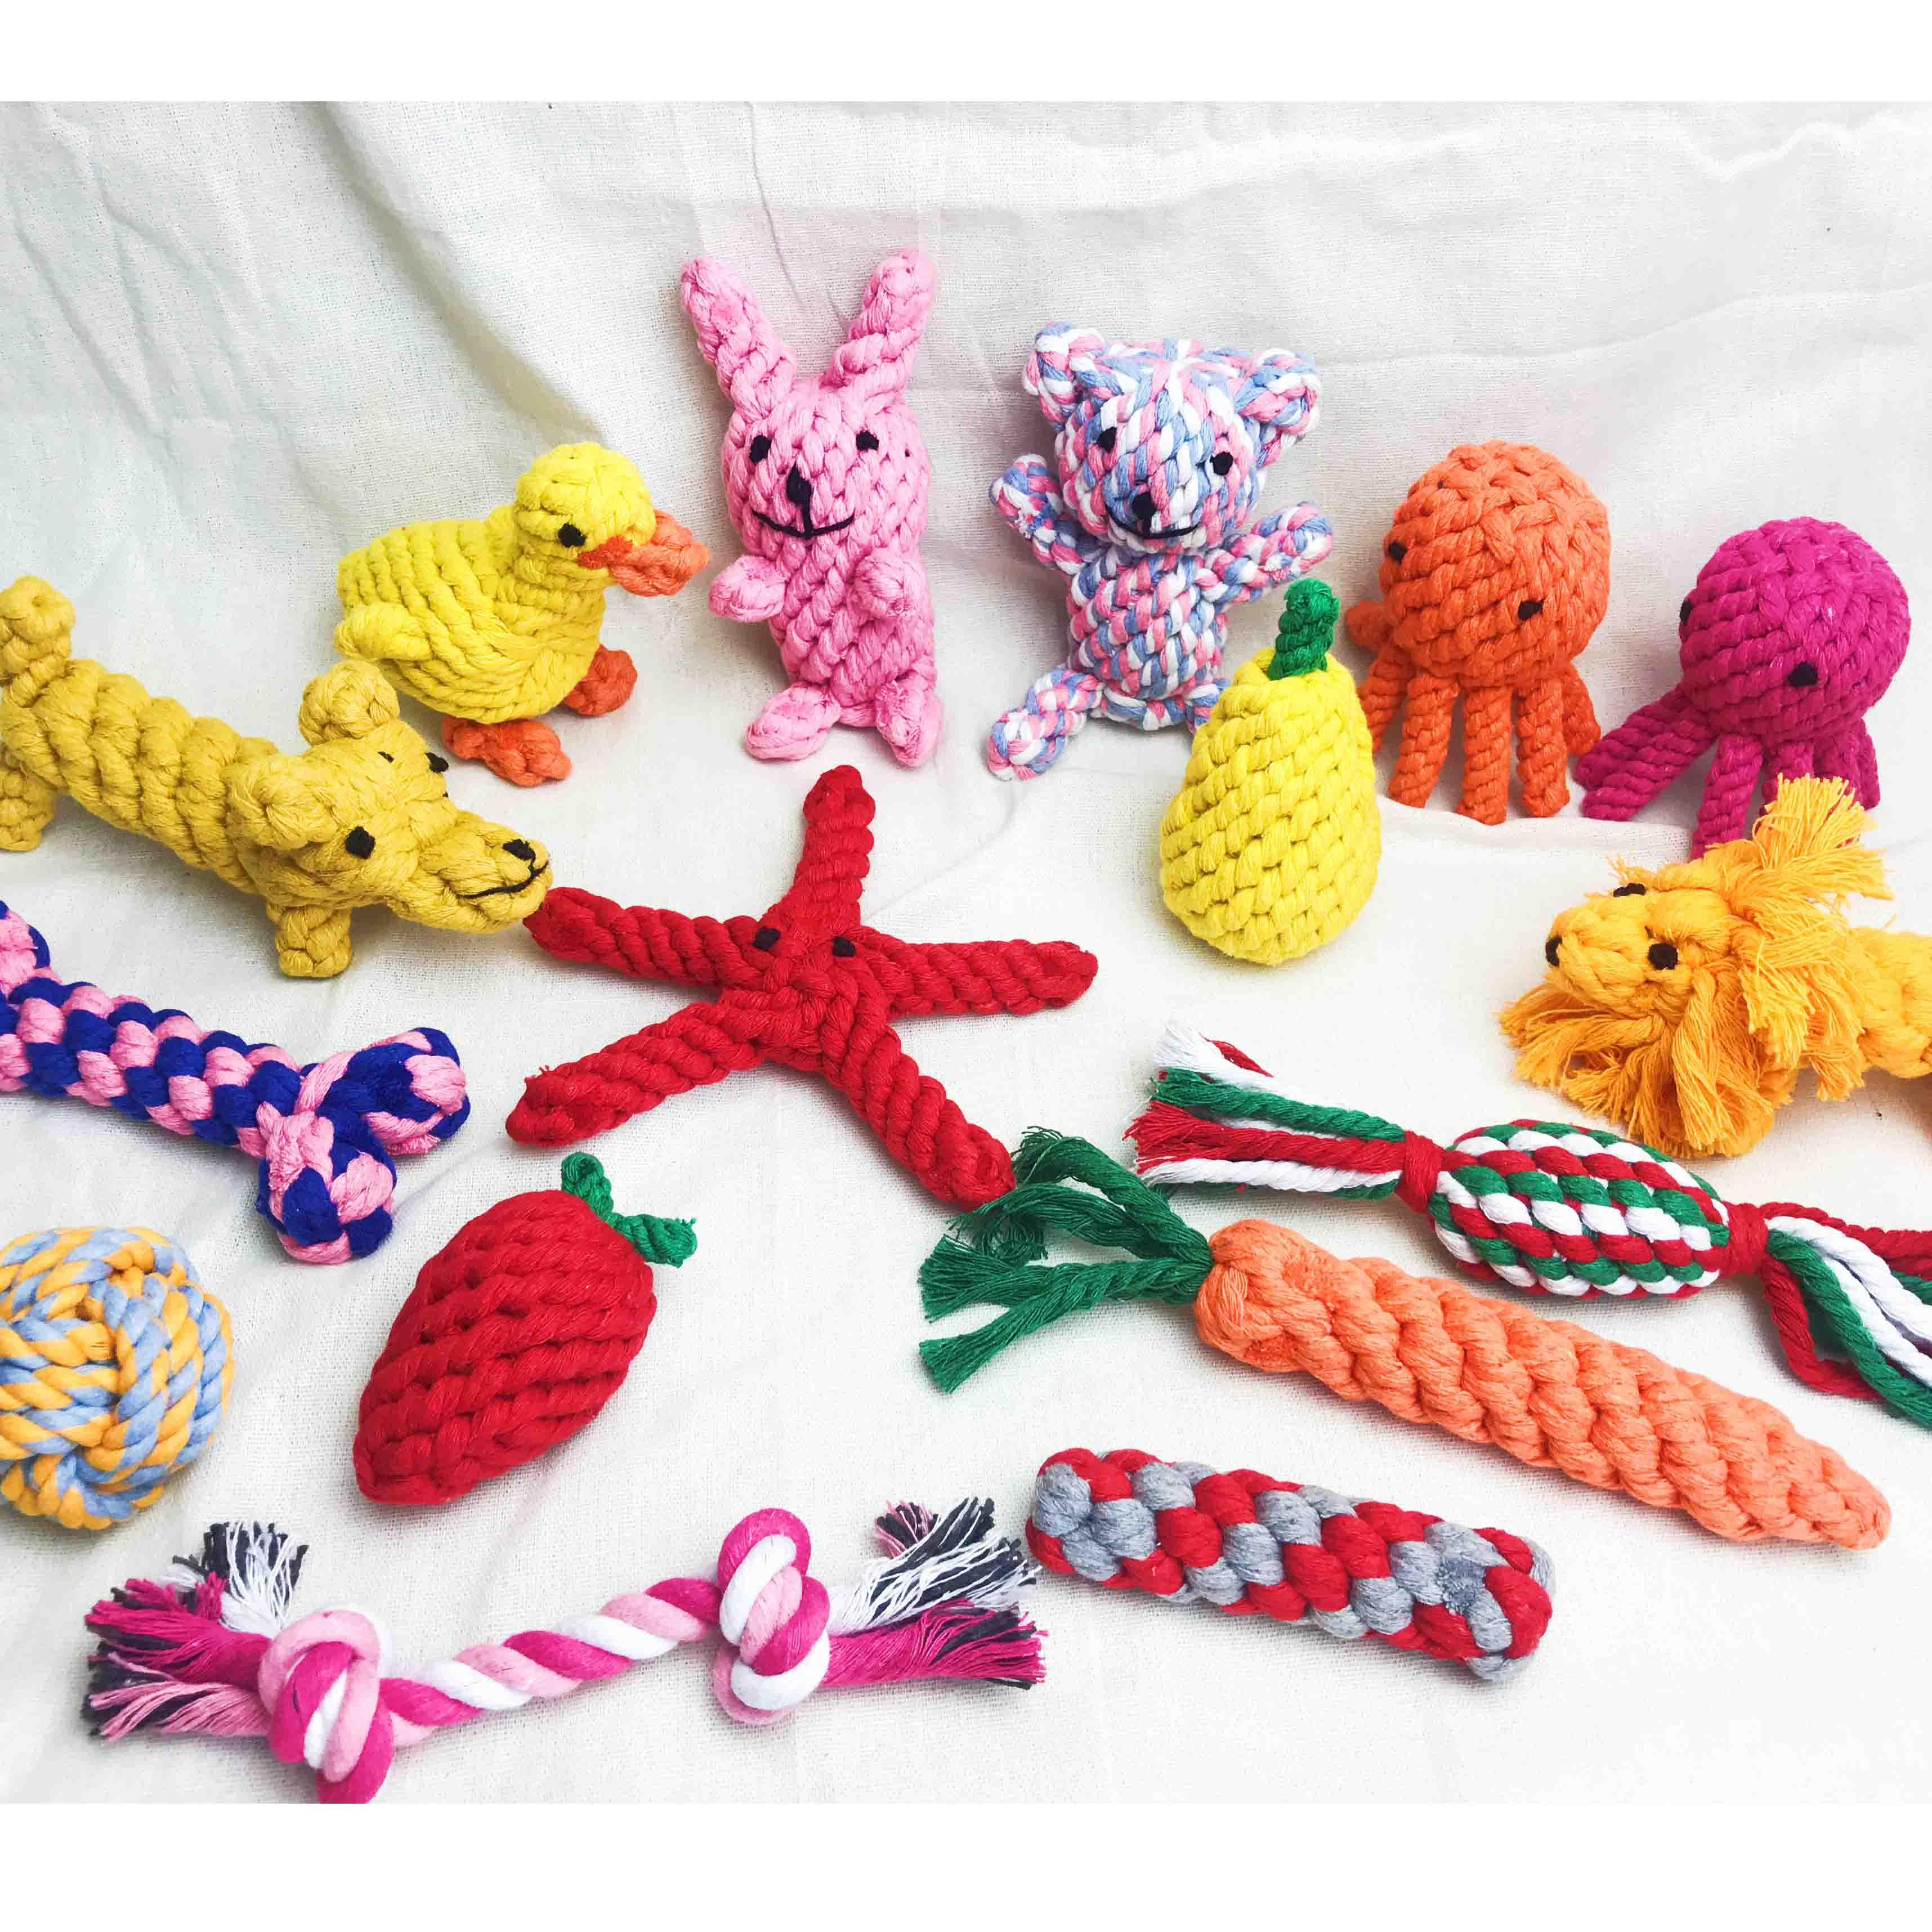 Juguetes Para Mascotas morder masticar, juguetes interactivos para perros, mascotas, cuerdas de algodón, nudo de juguete para perro, Limpieza de dientes, Molar, cachorro de juguete